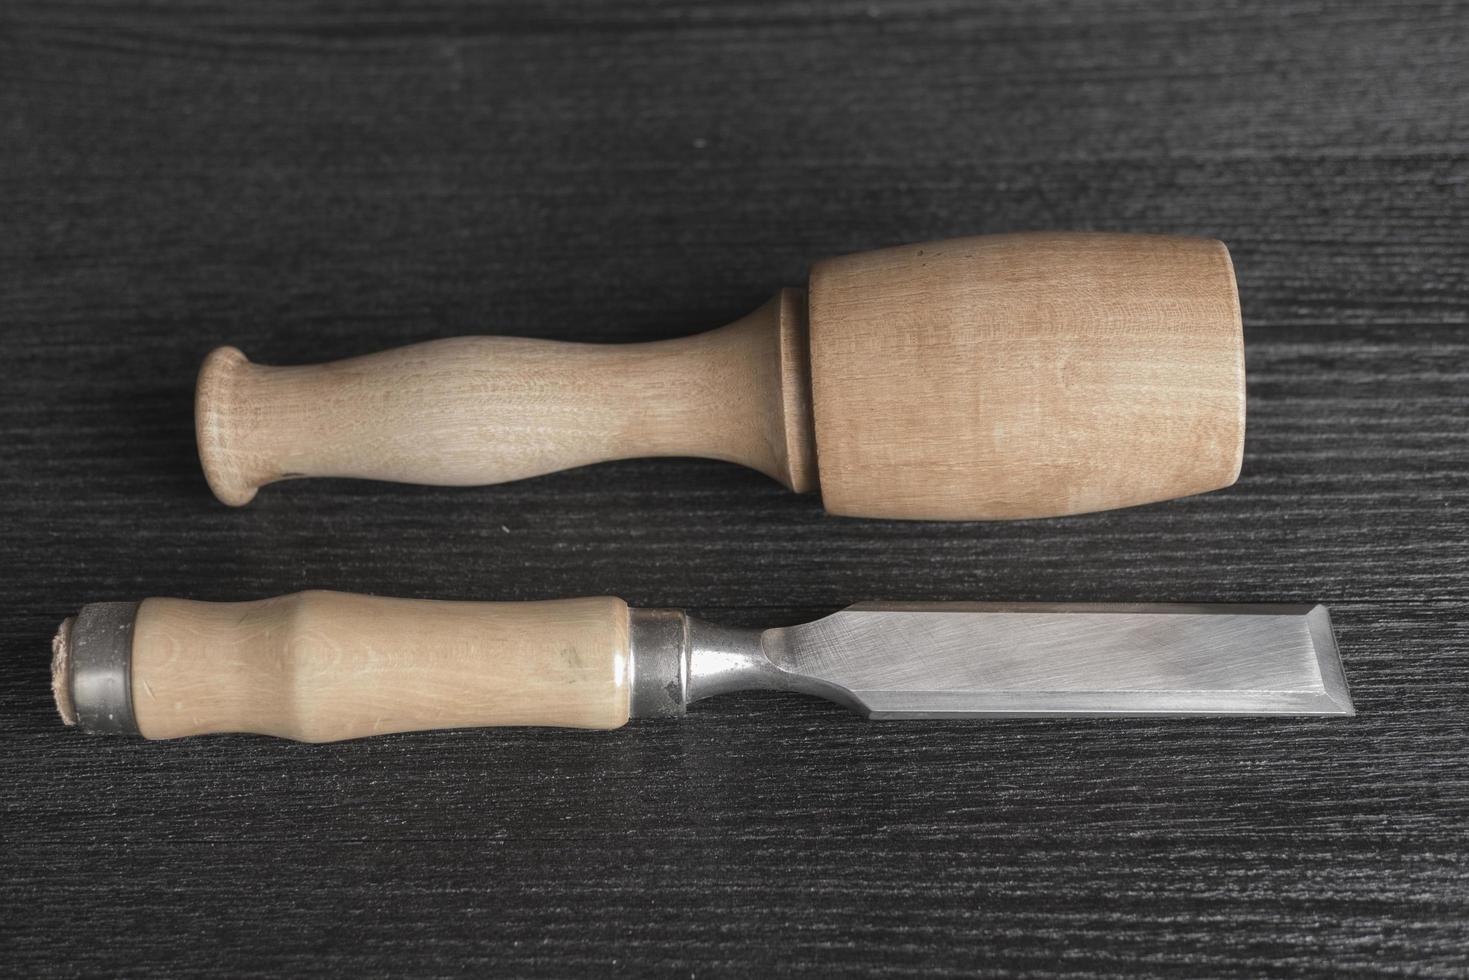 Ciseau et maillet en bois sur fond noir atelier de menuisier photo